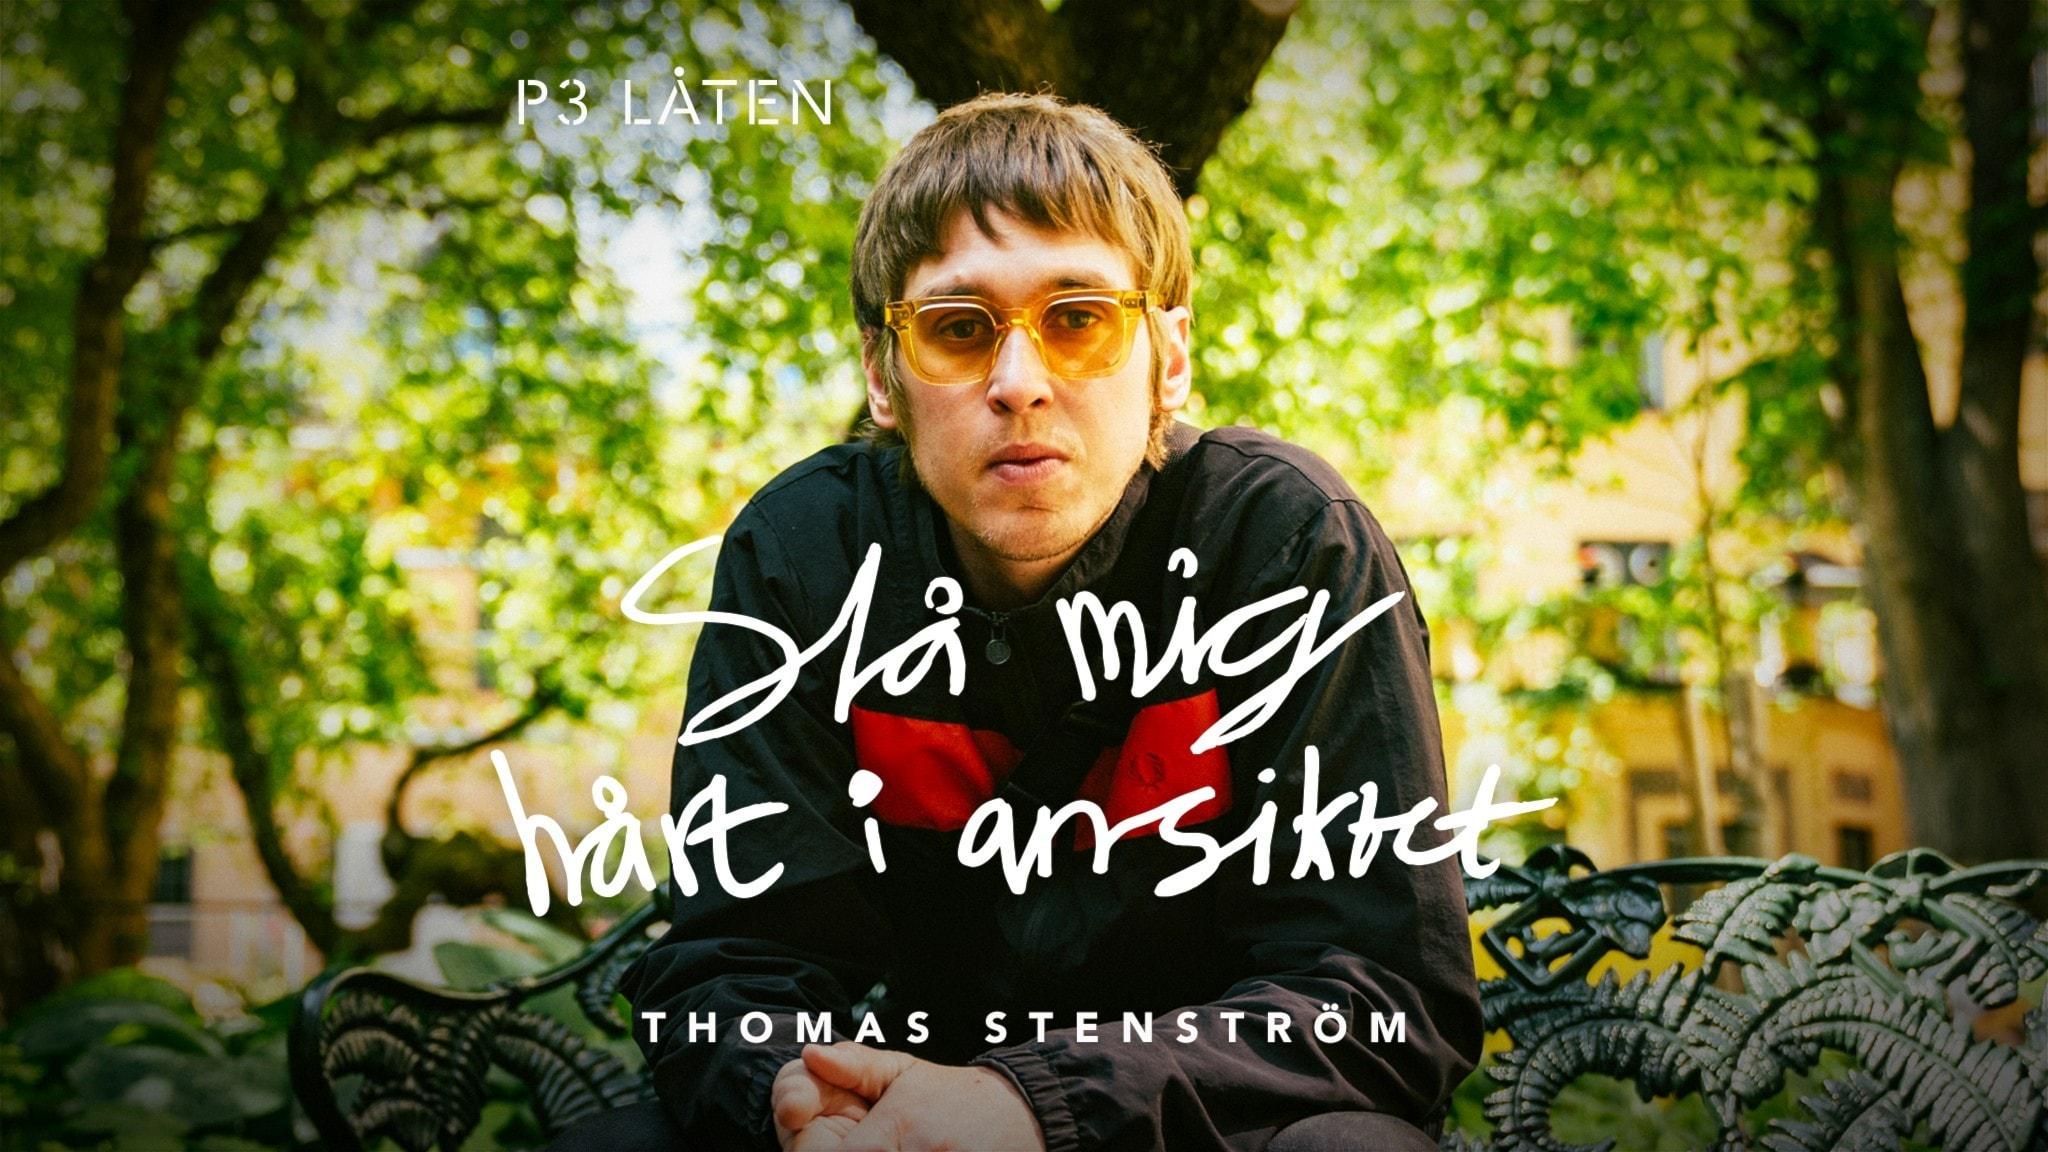 Thomas Stenström - Slå mig hårt i ansiktet